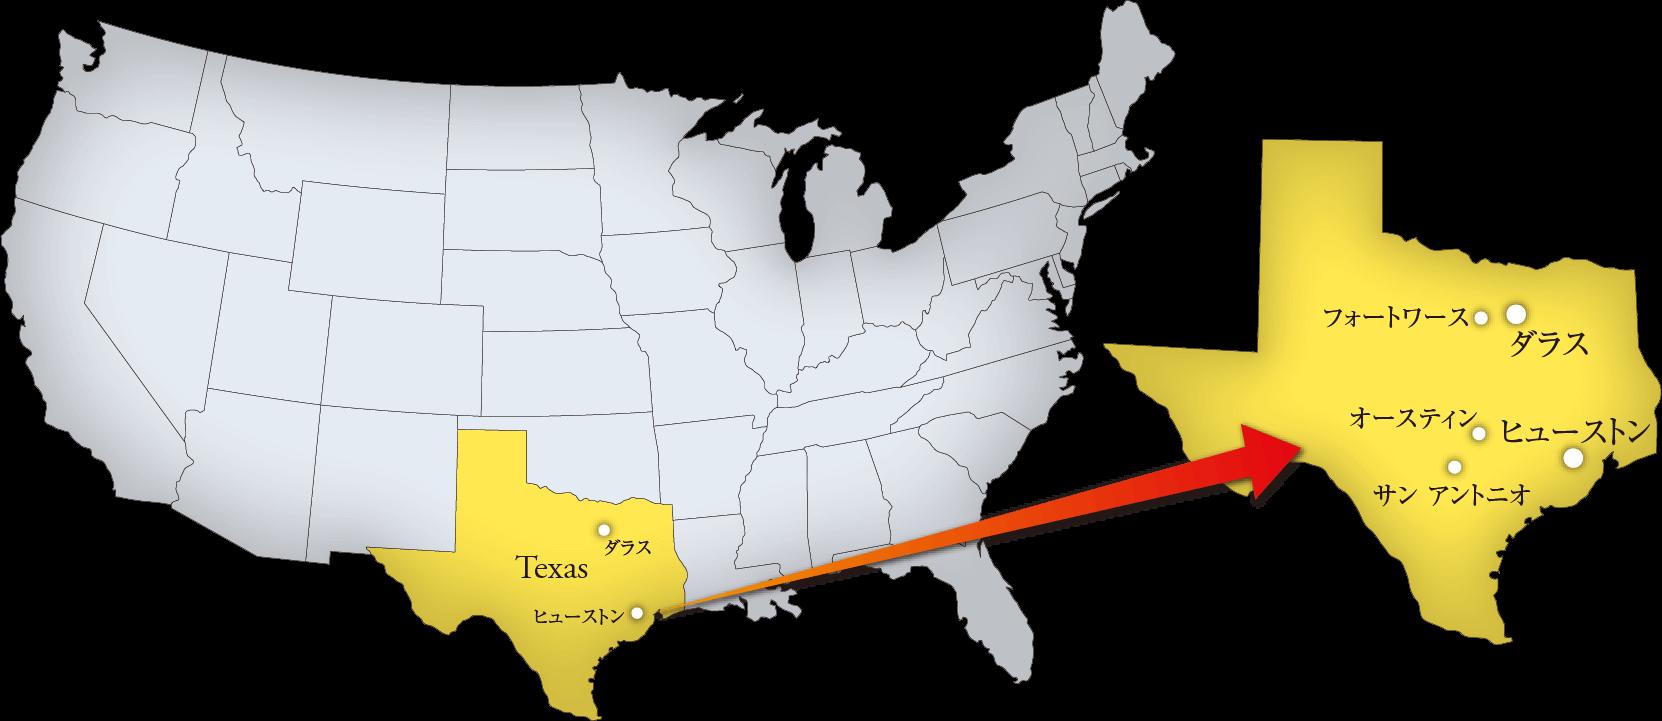 テキサス州地図